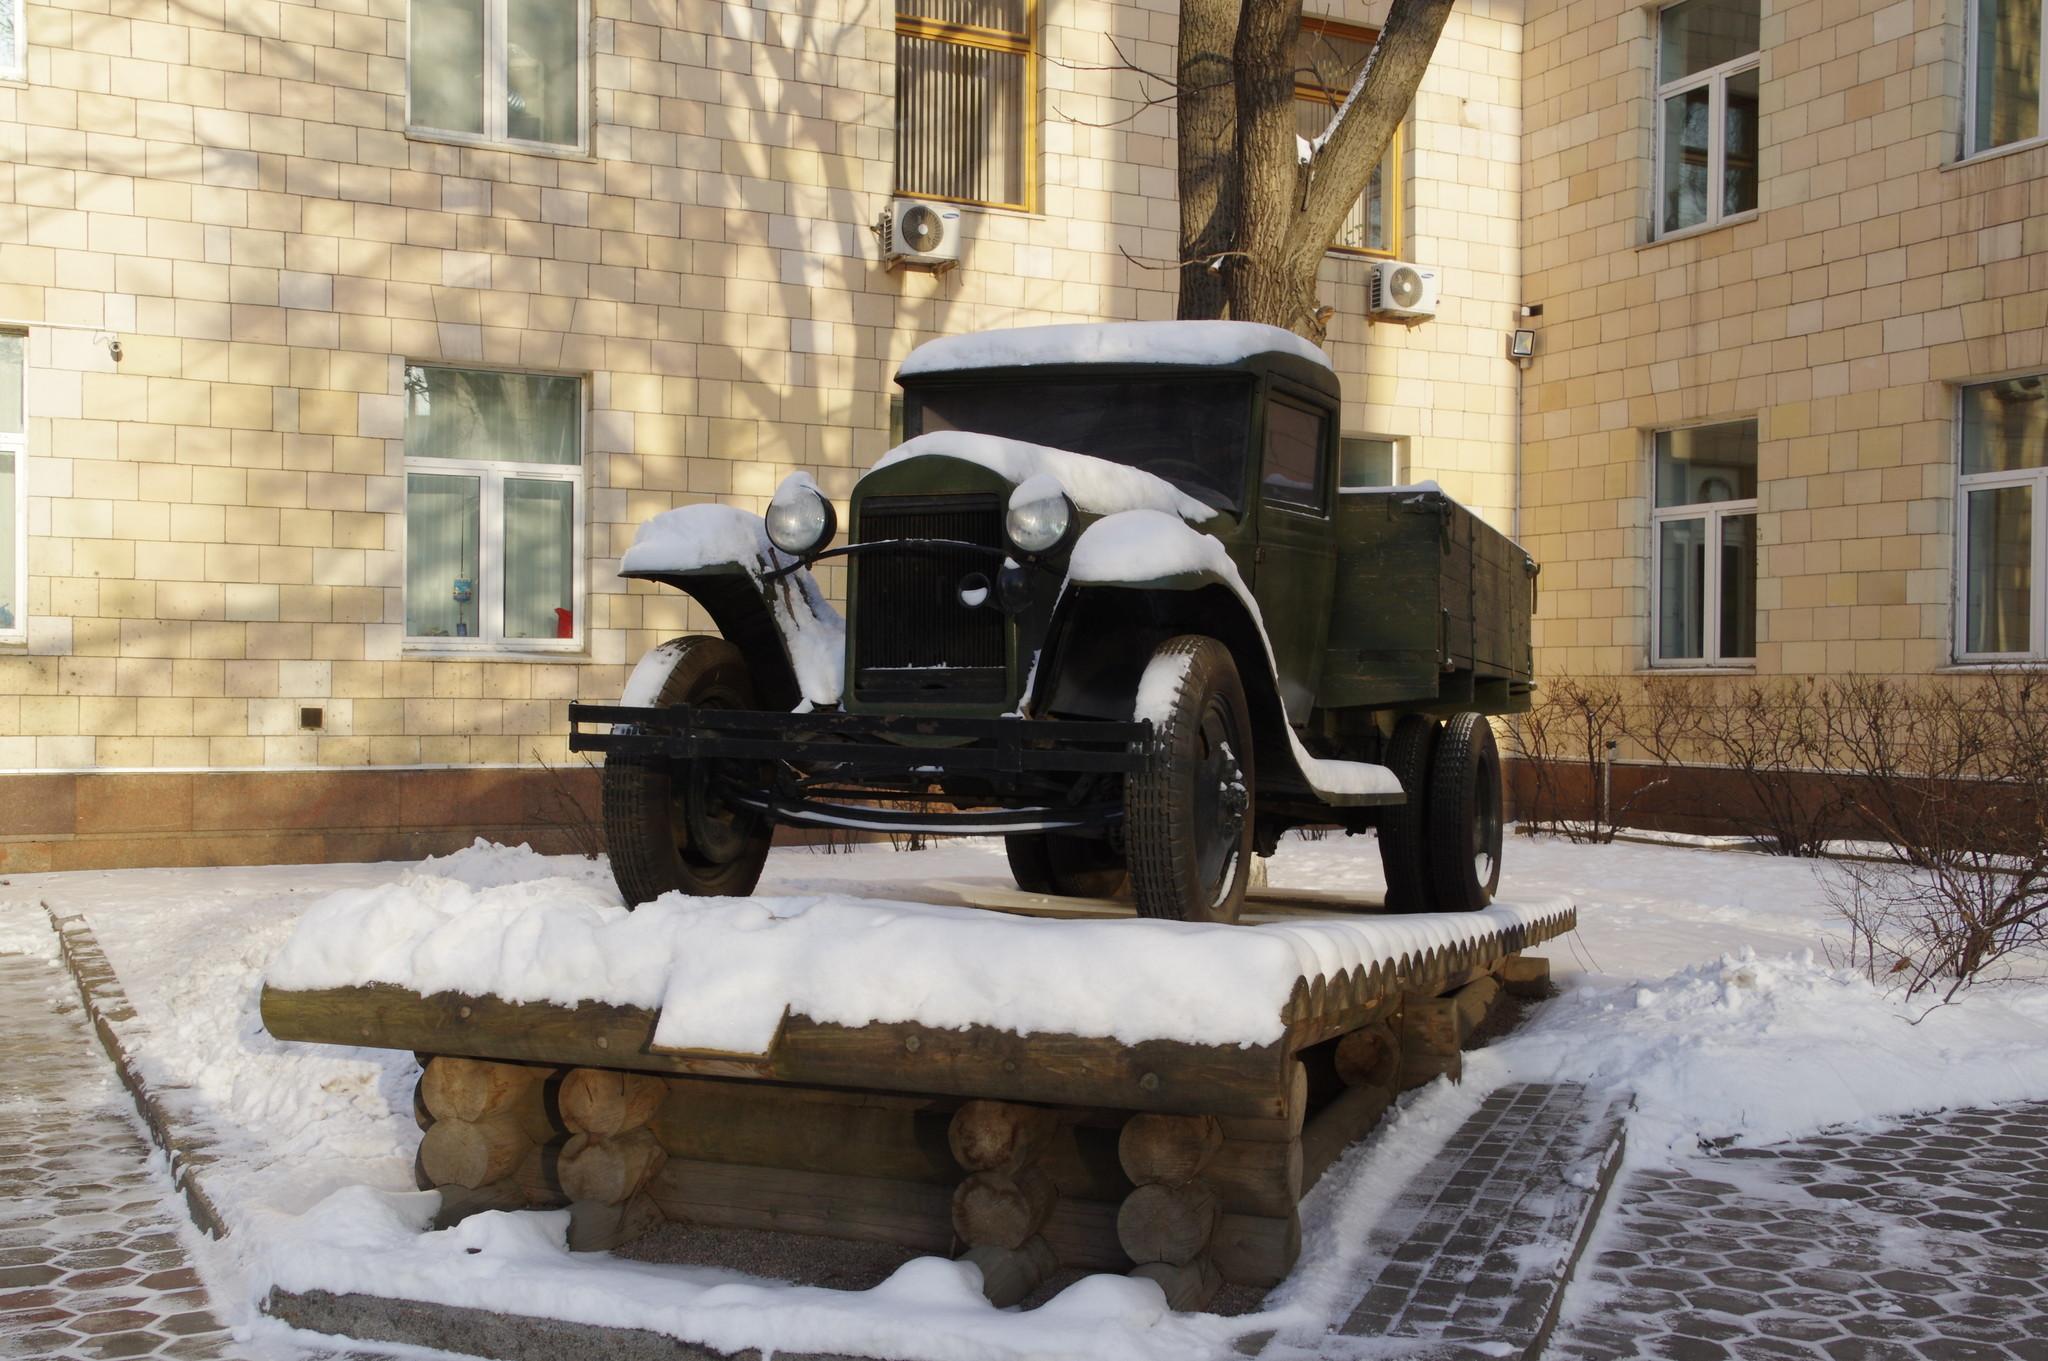 Автомобиль ГАЗ-АА возле здания Московского автомобильно-дорожного государственного технического университета (МАДИ)